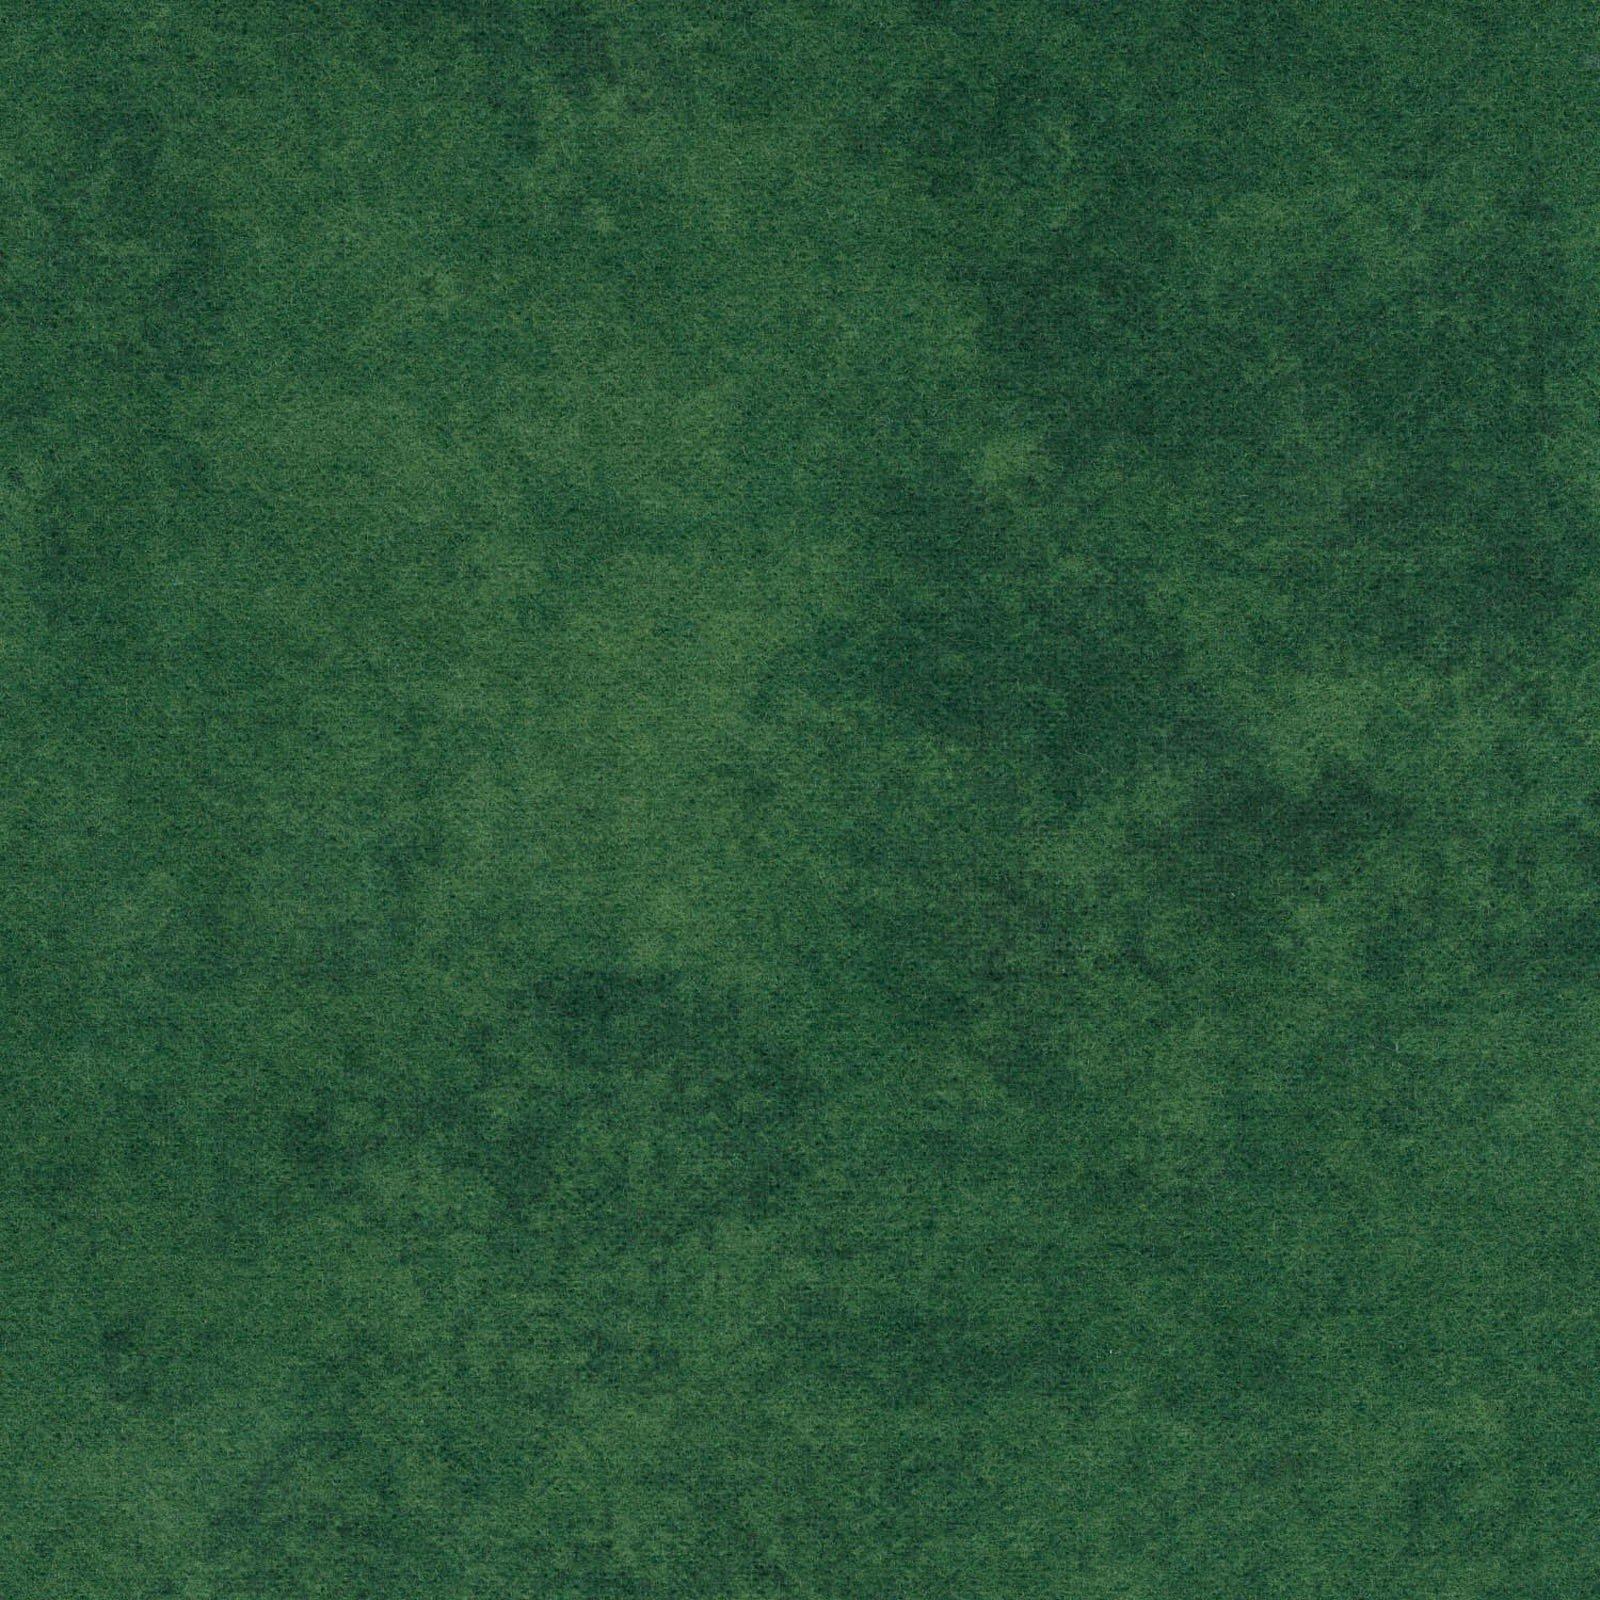 Shadow Play Flannel - Full Bolt - MASF513-GX - FB